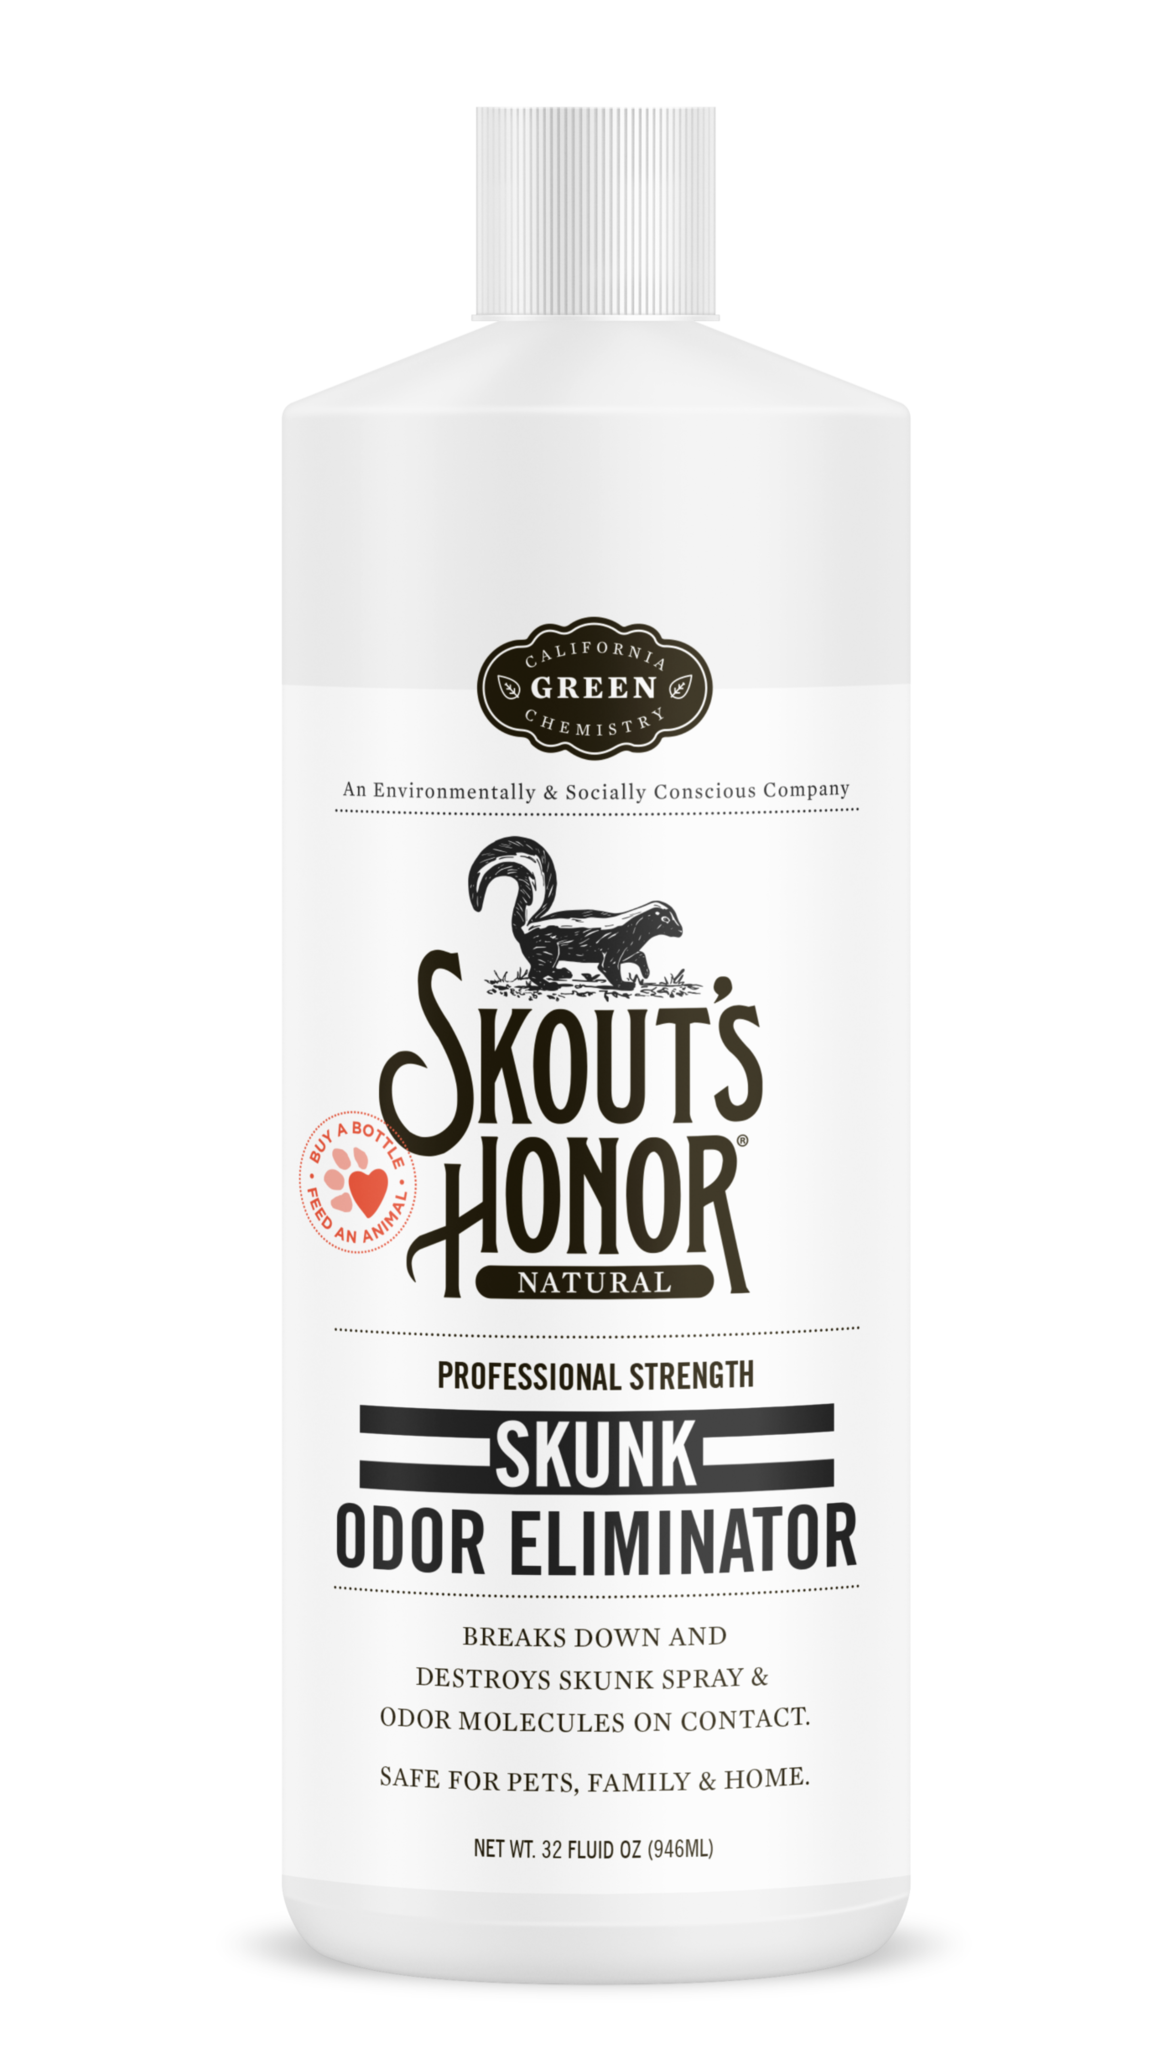 Skout's Honor Cleaner Skunk Odor Eliminator Dog